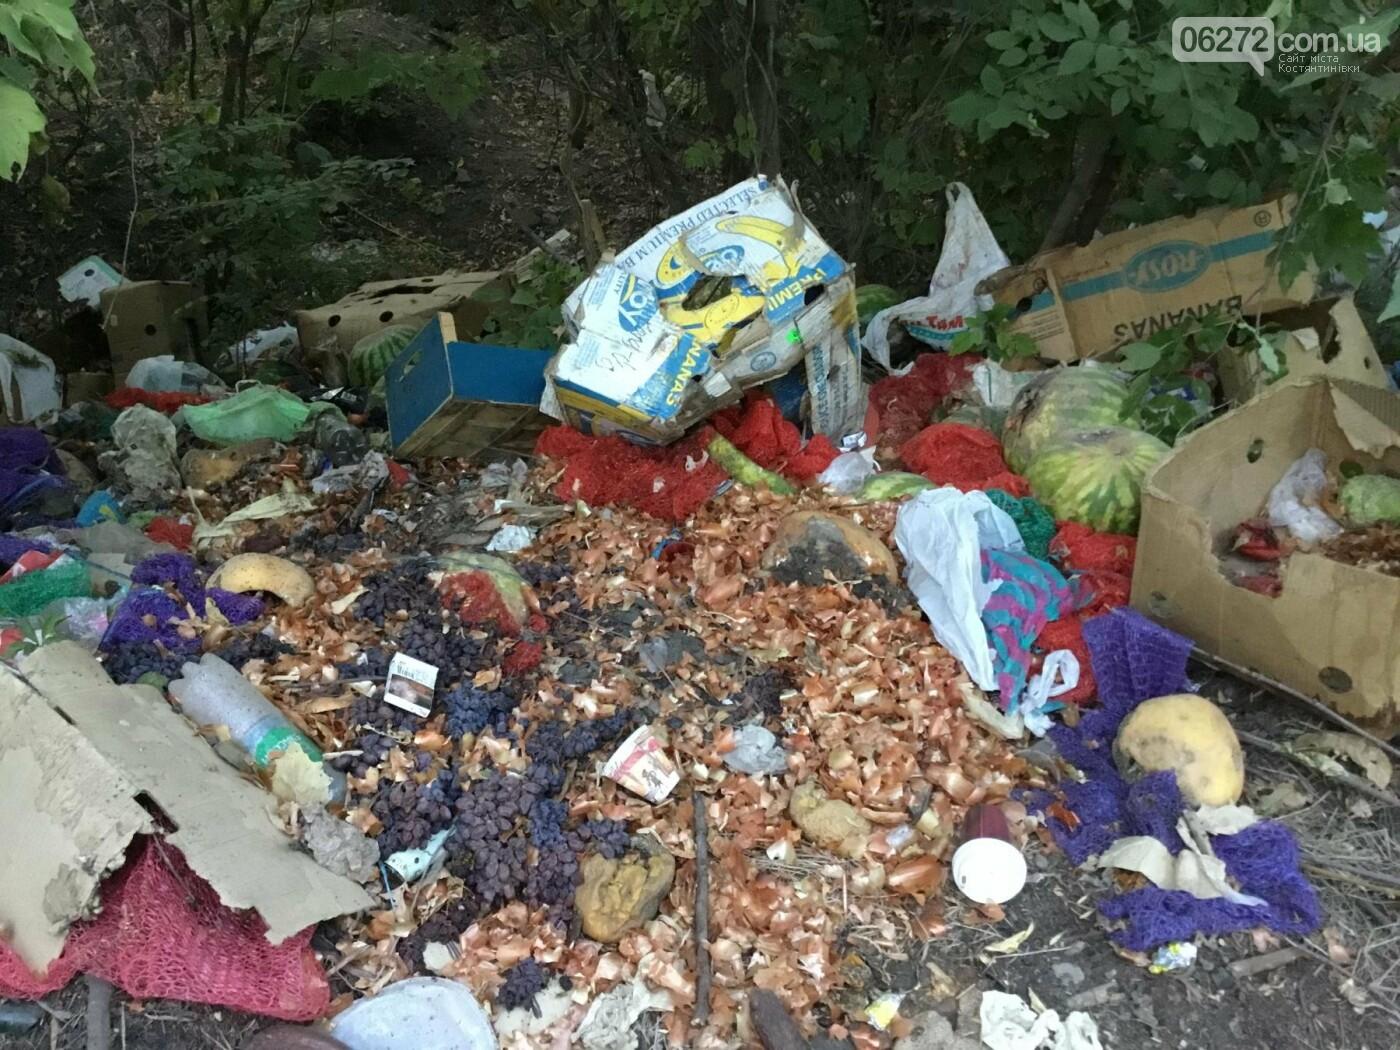 Как константиновцы экономят на вывозе мусора, фото-2